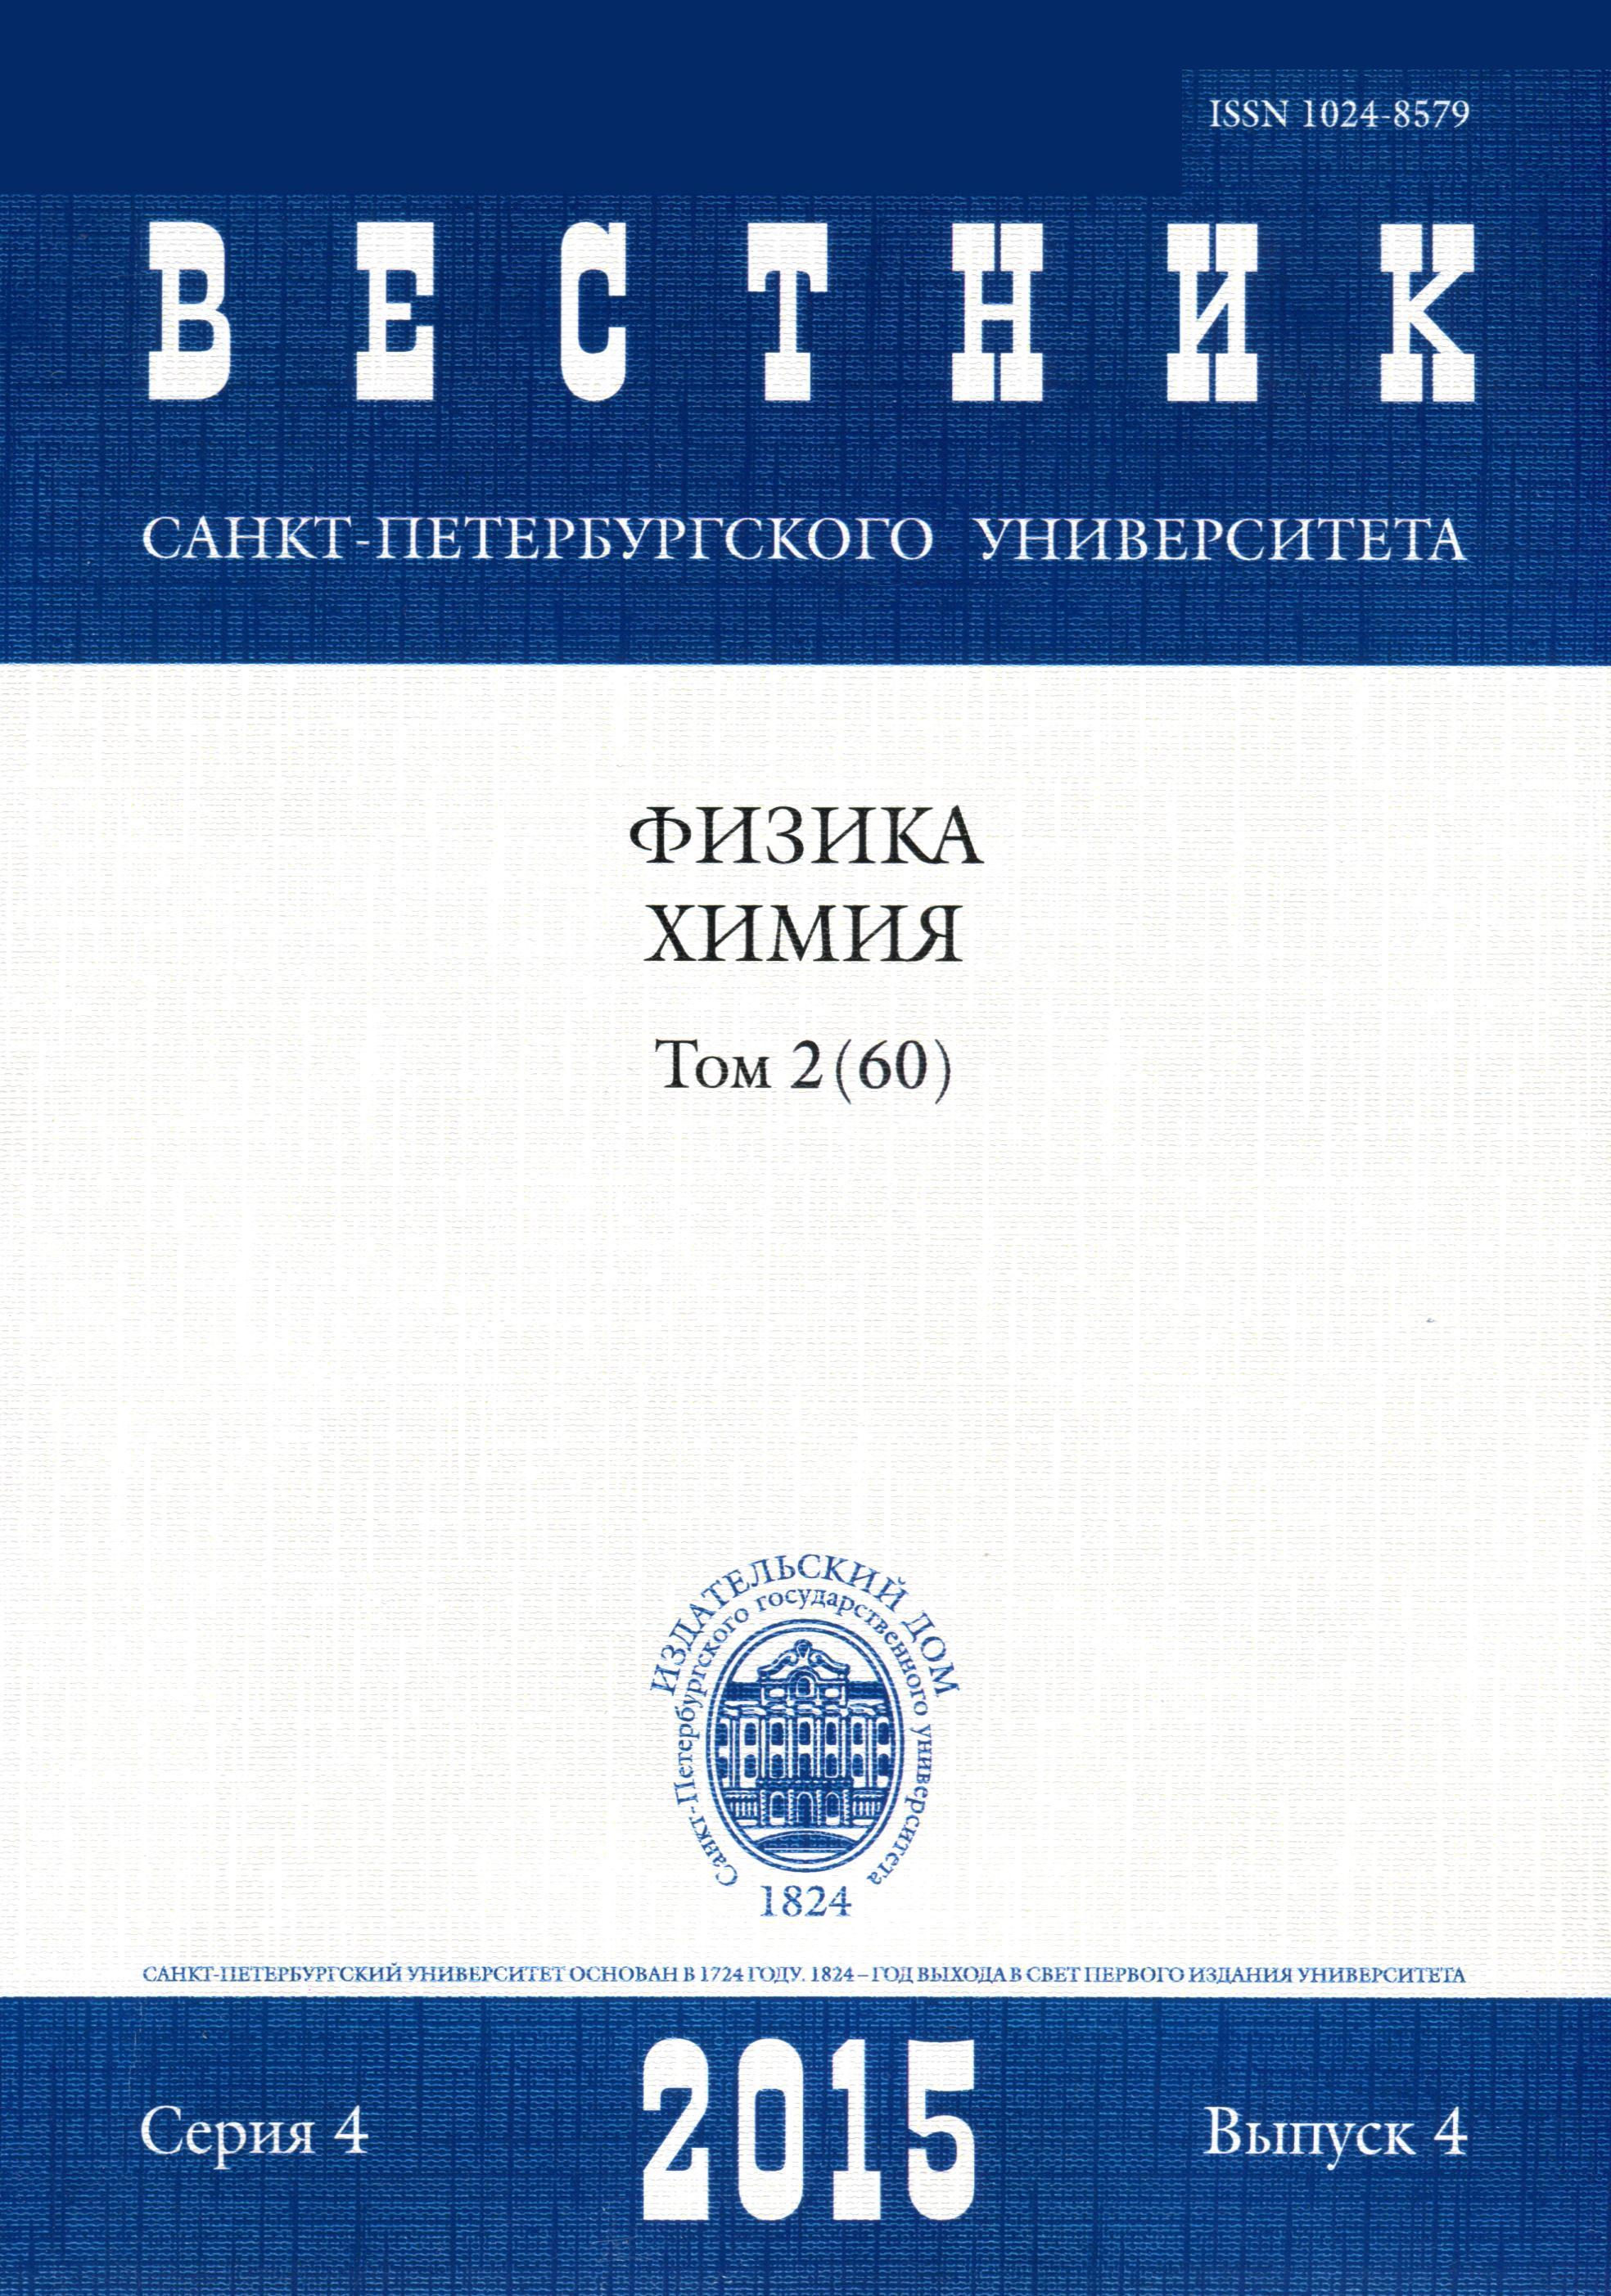 Вестник санкт-петербургского университета технологий и дизайна